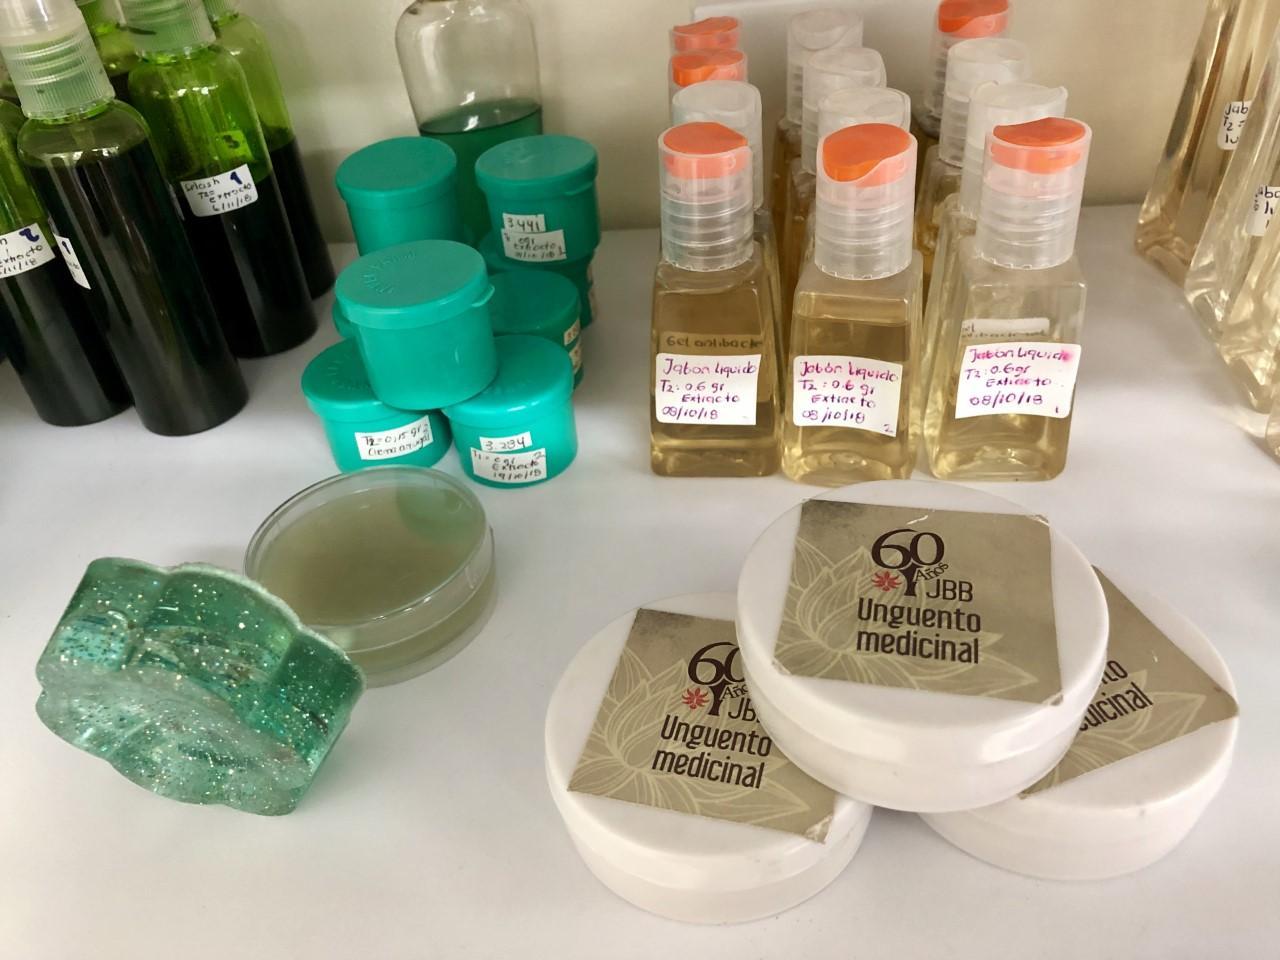 Imagen de productos medicinales. unguentos